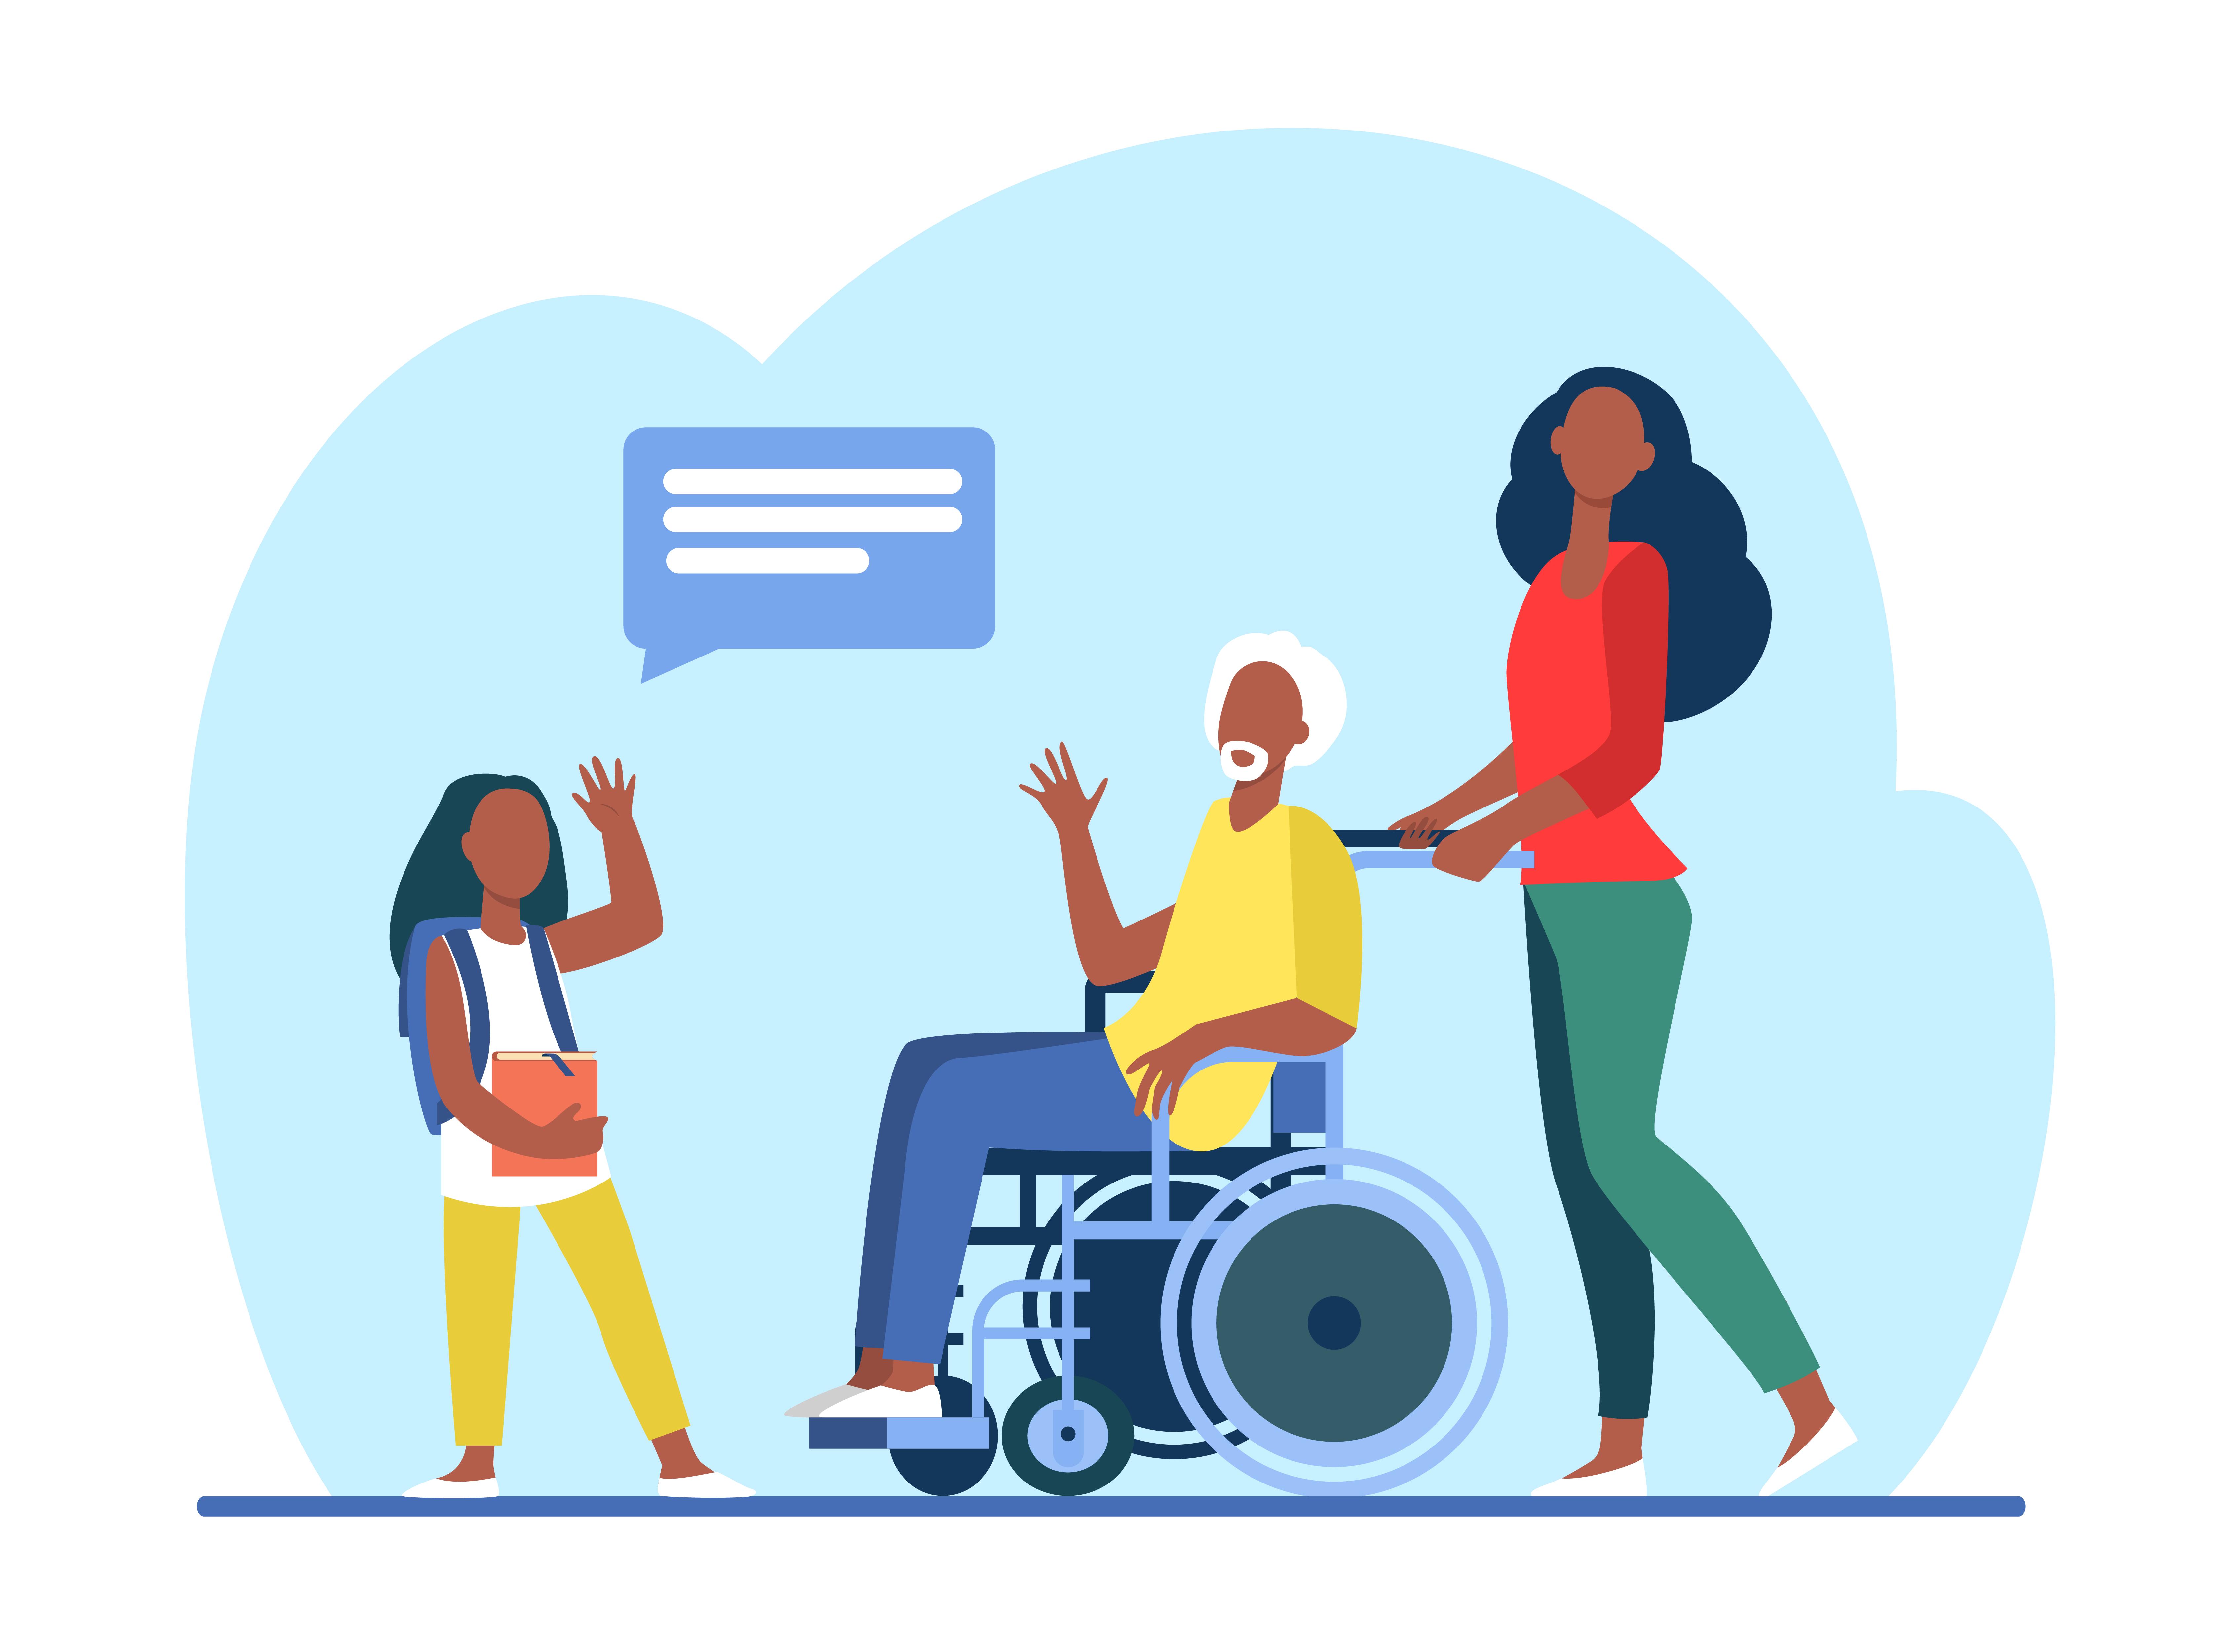 Contributi per l'assistenza ad anziani non autosufficienti